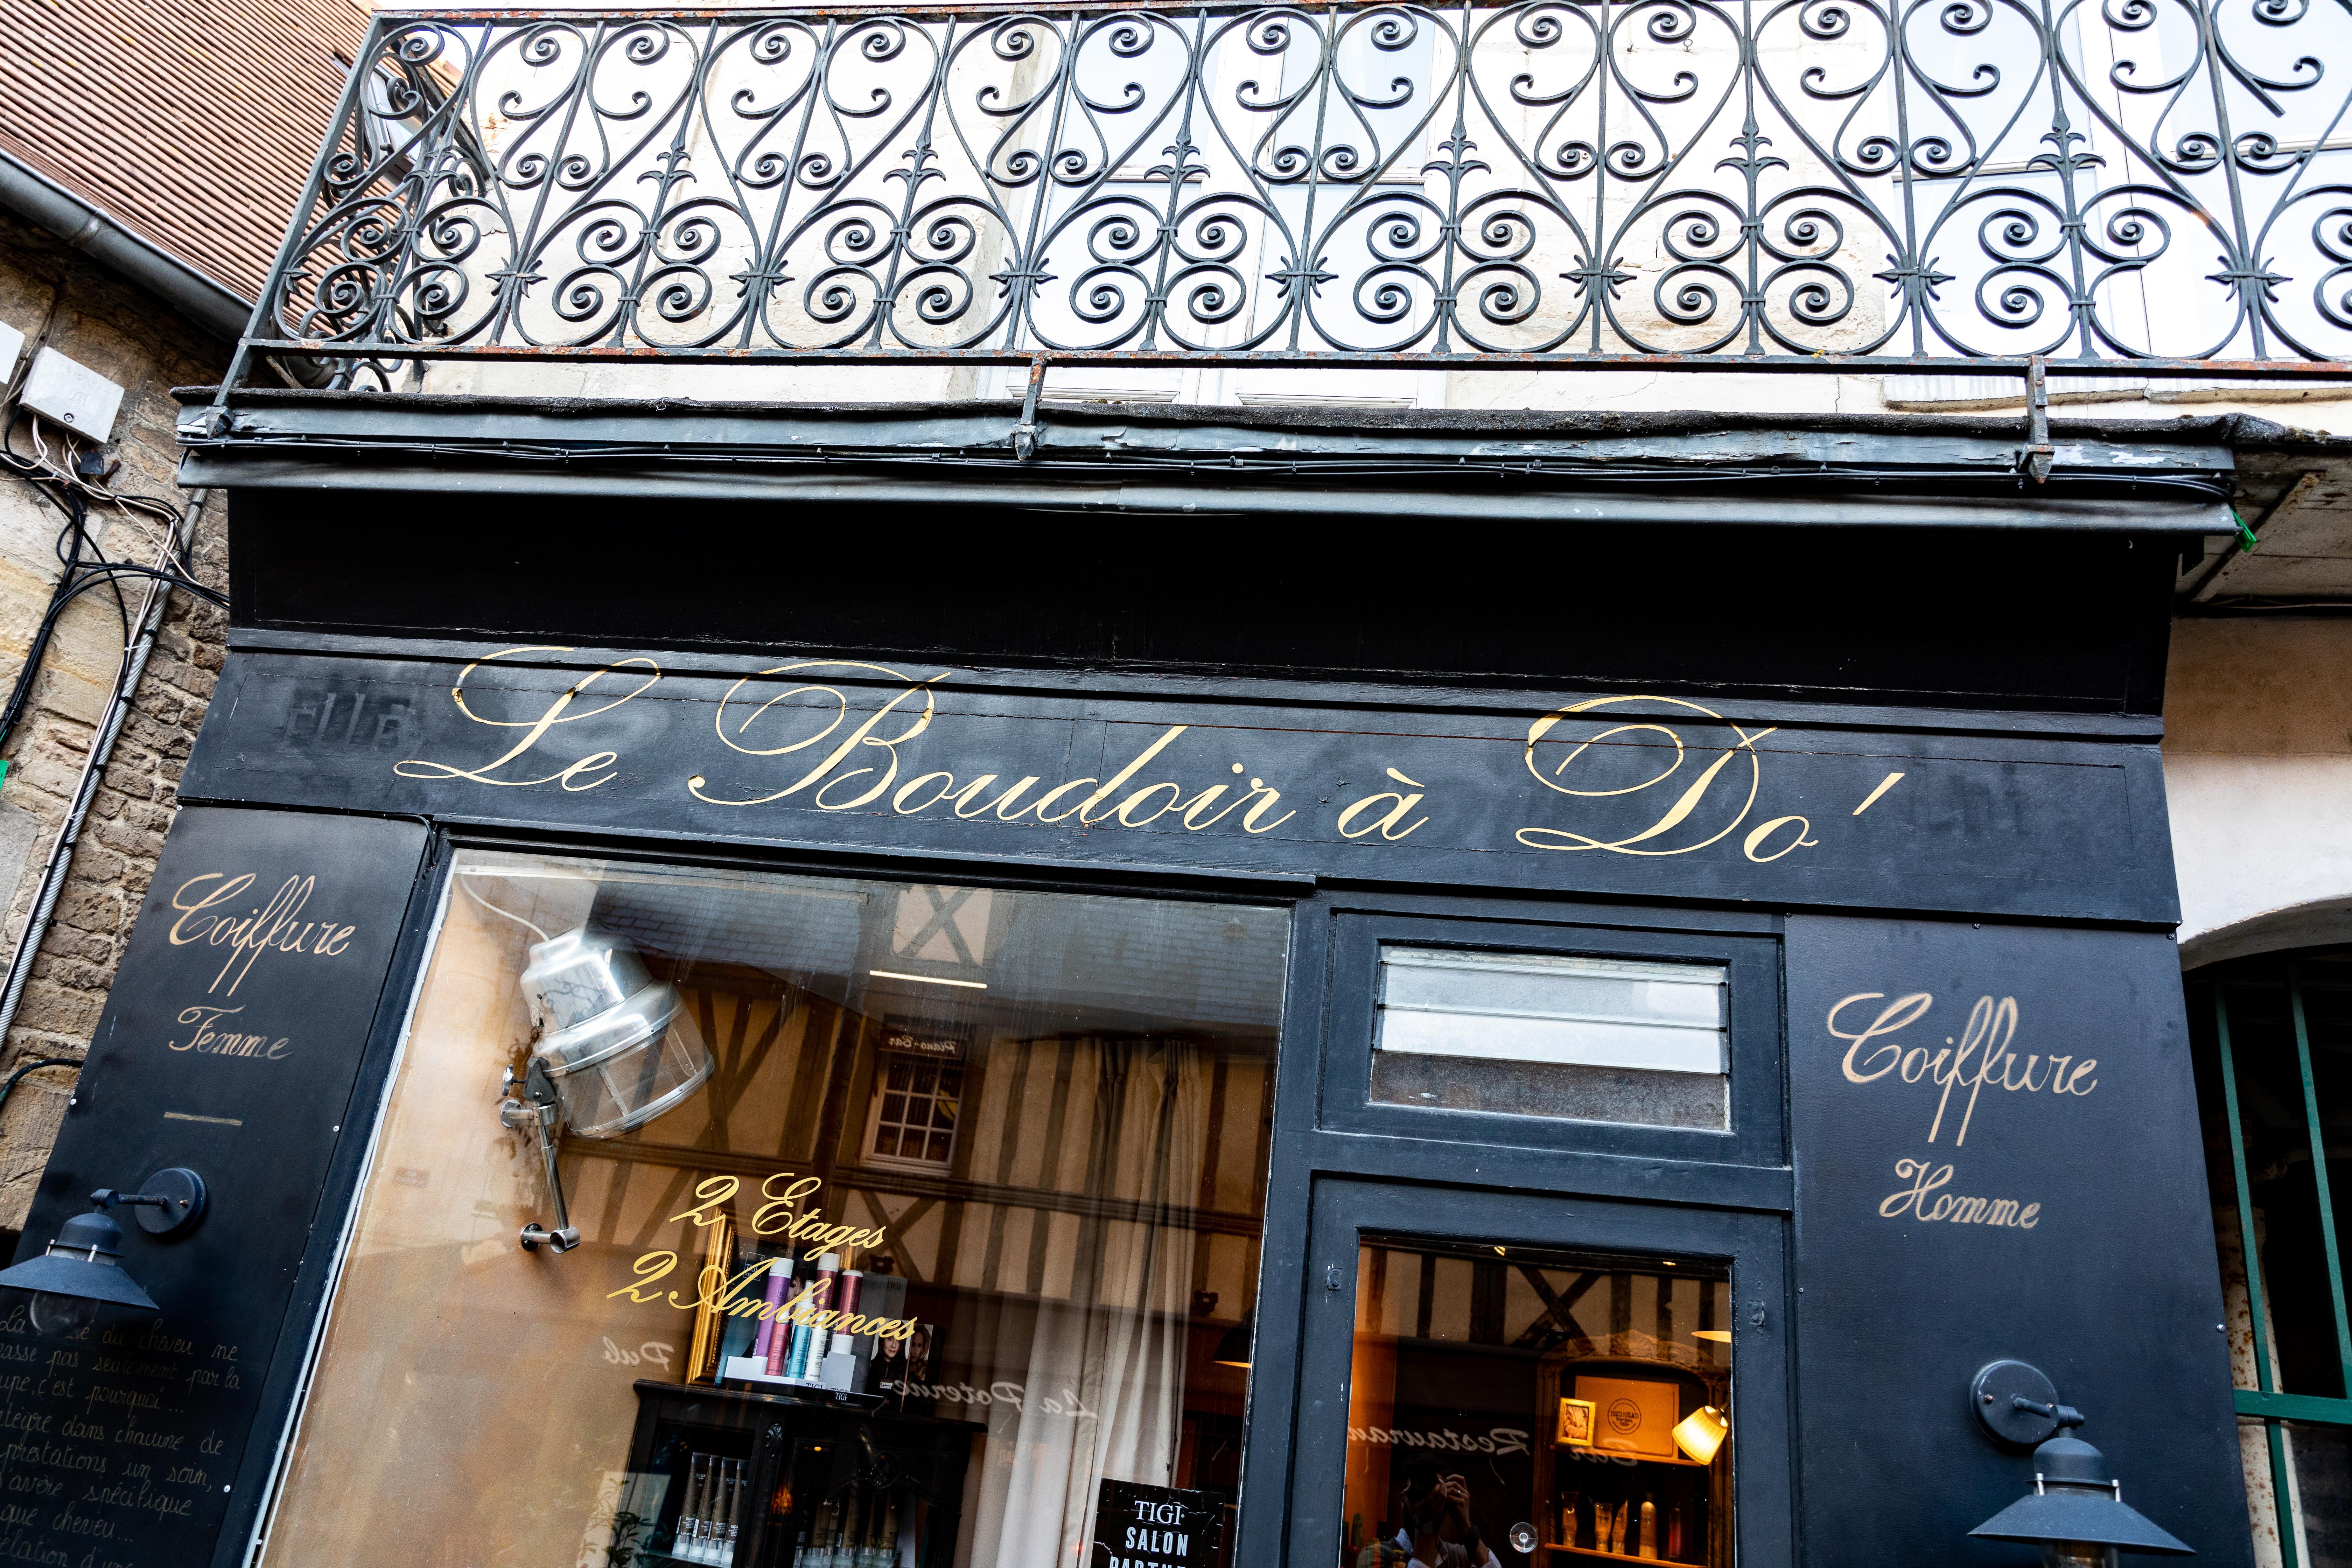 Salon de coiffure et barbier à Caen